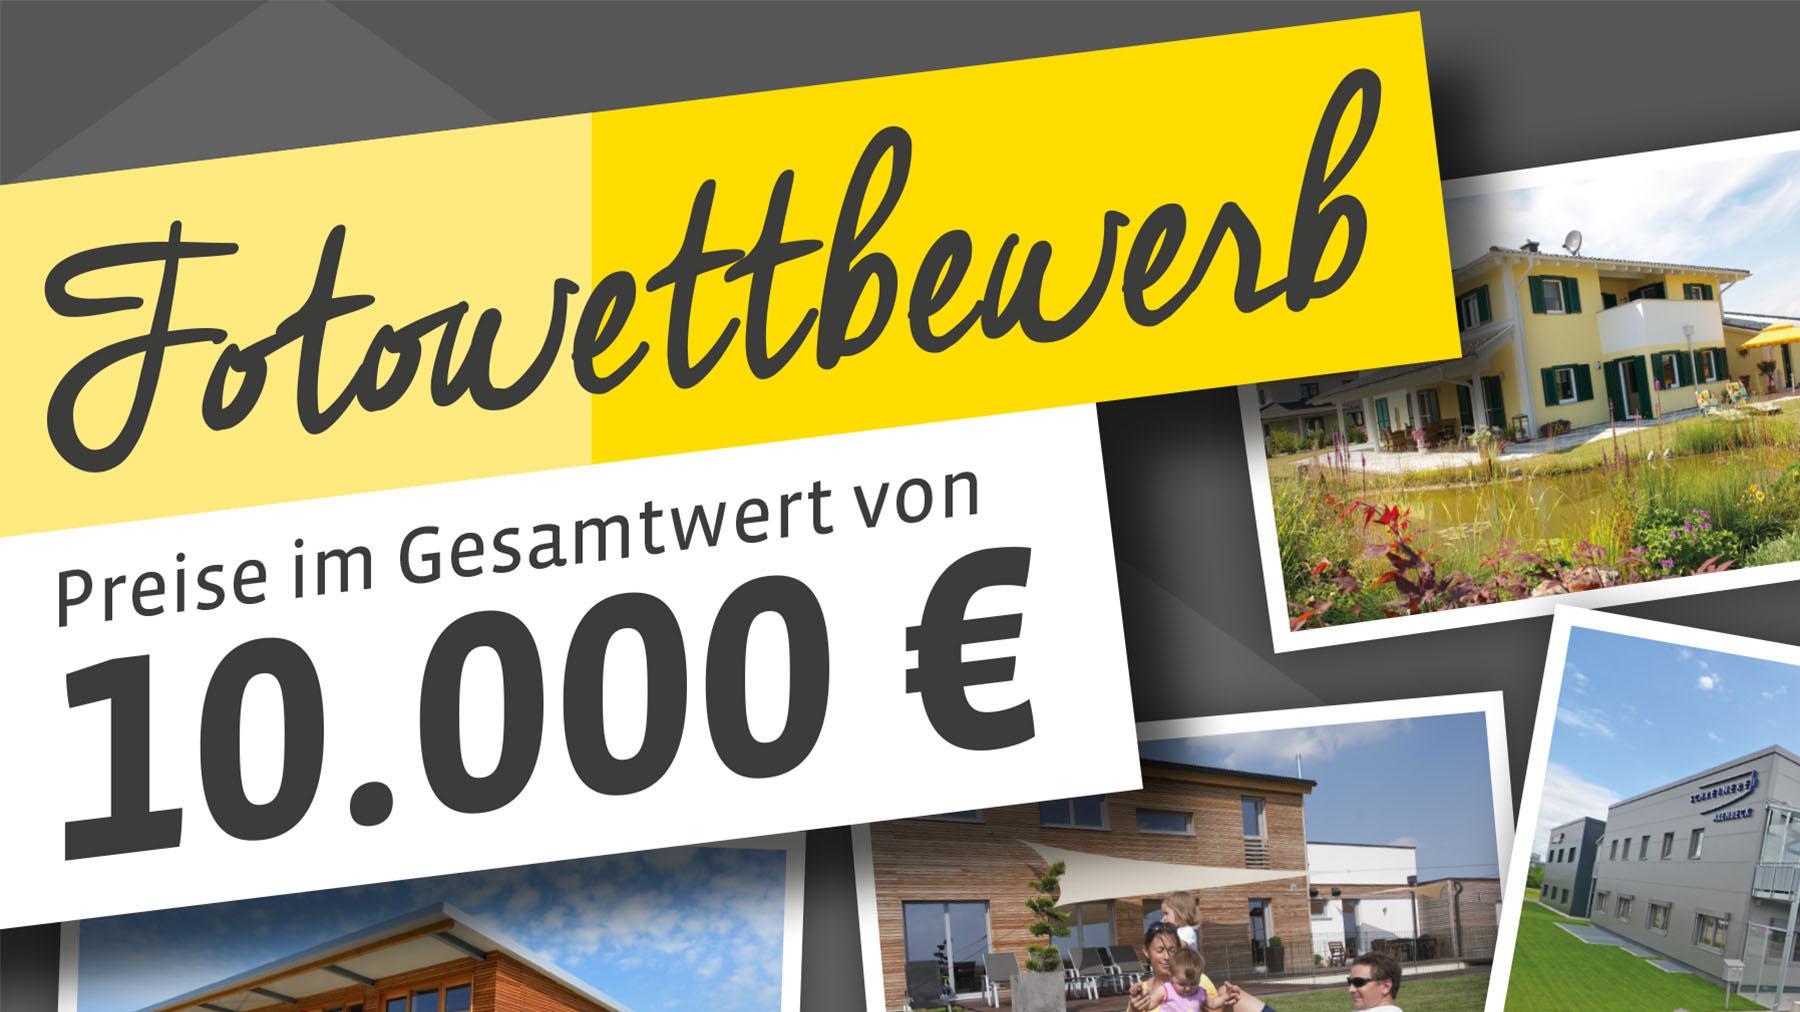 Preise bis 10.000 €